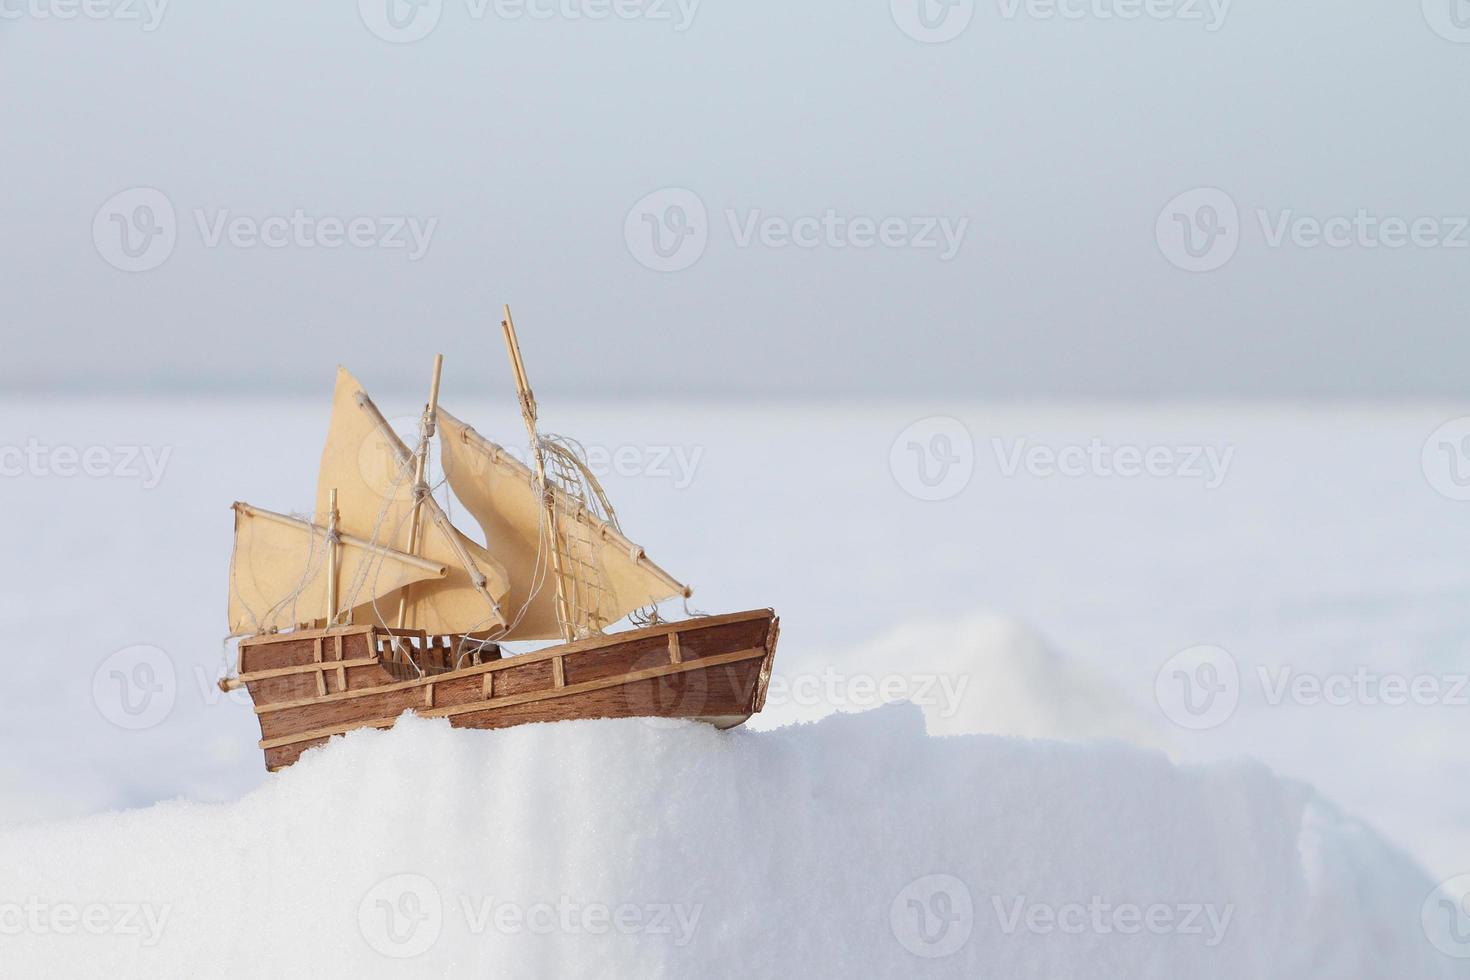 la nave giocattolo sulla neve foto